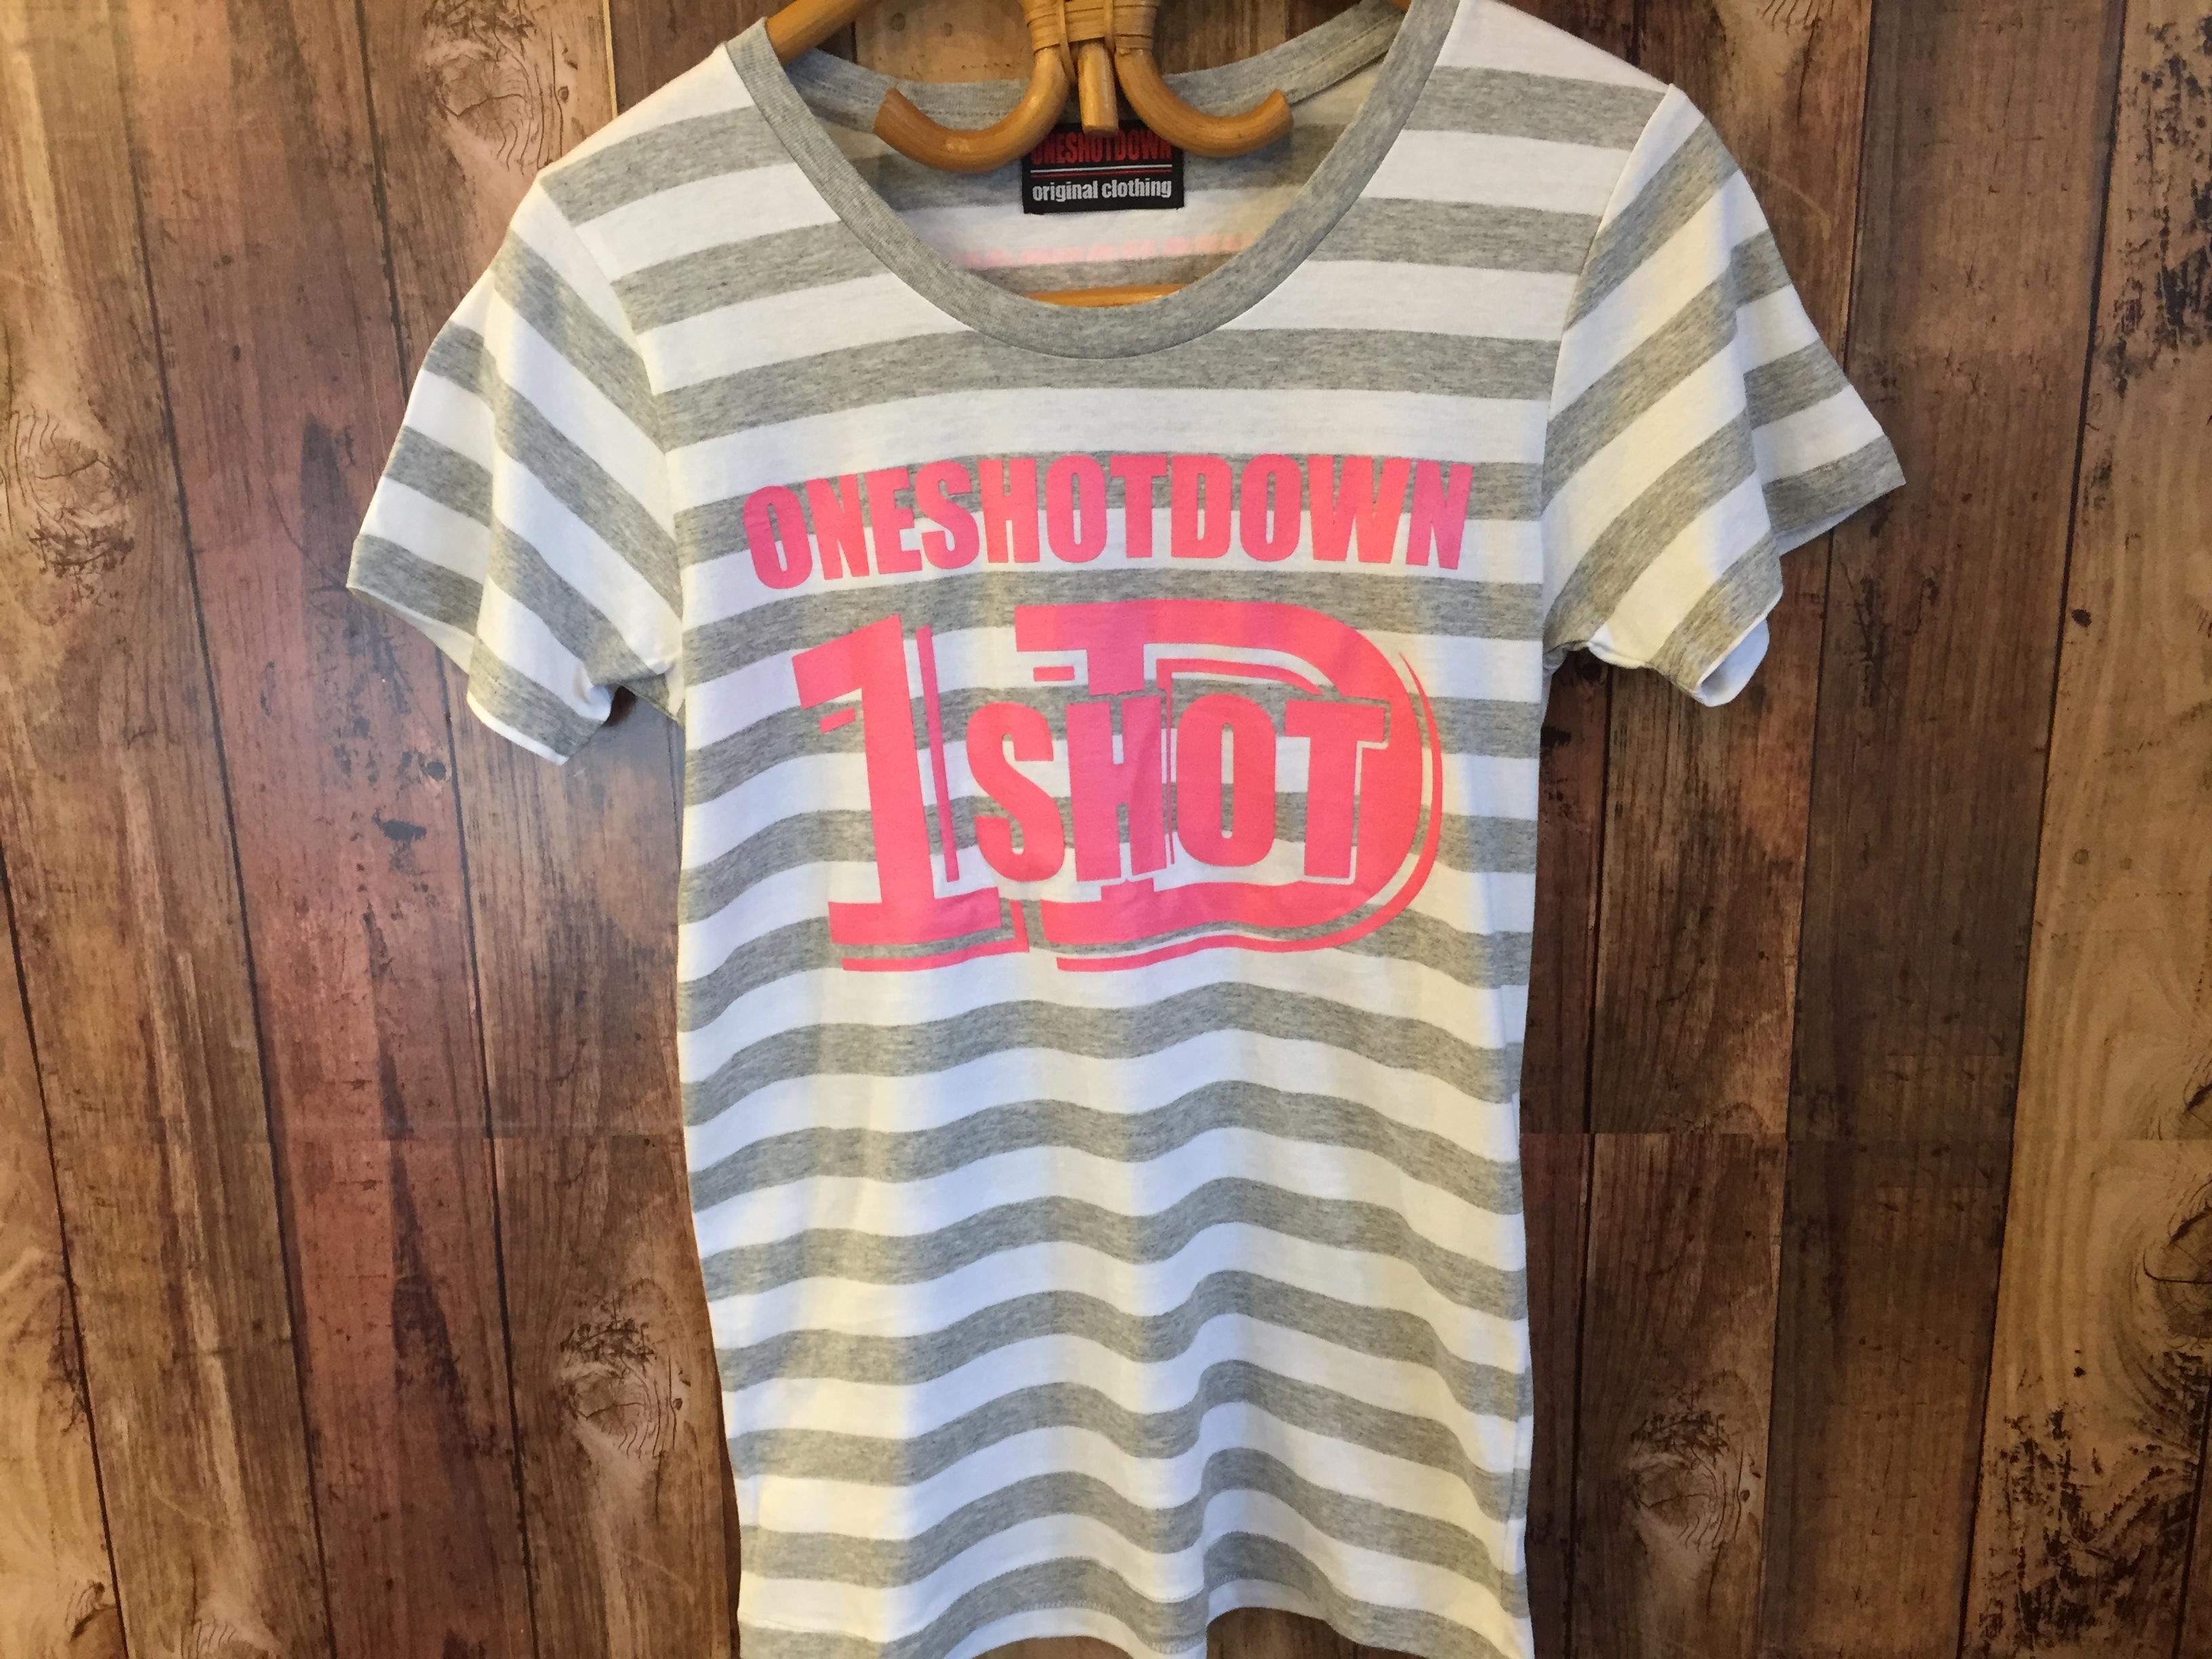 ONESHOTDOWN ガールズ ボーダーTシャツ - 画像5